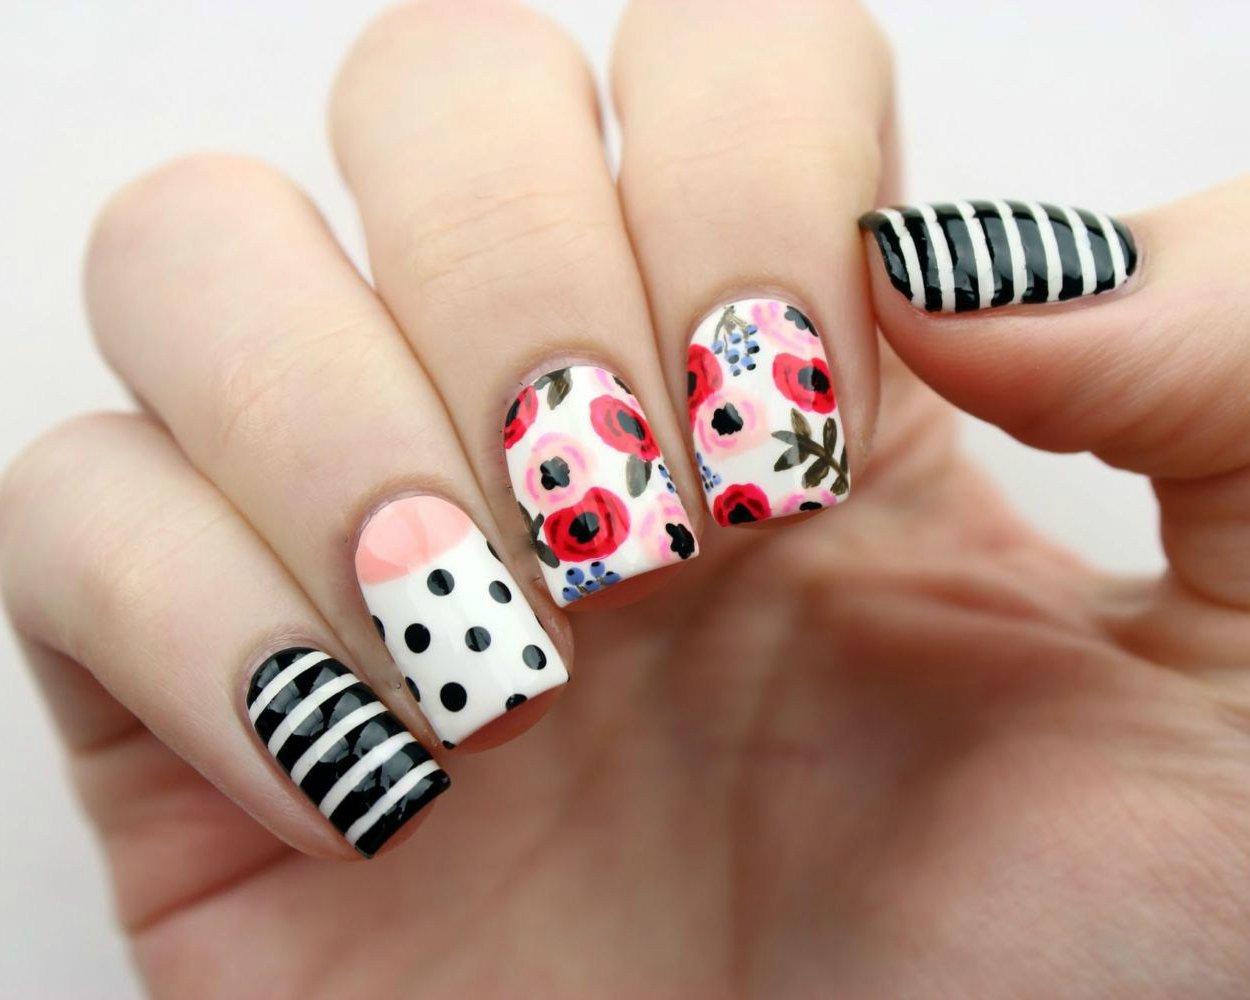 Fingernägel Muster mit Blumen - so sieht die Tendenz für Nageldesign Frühling